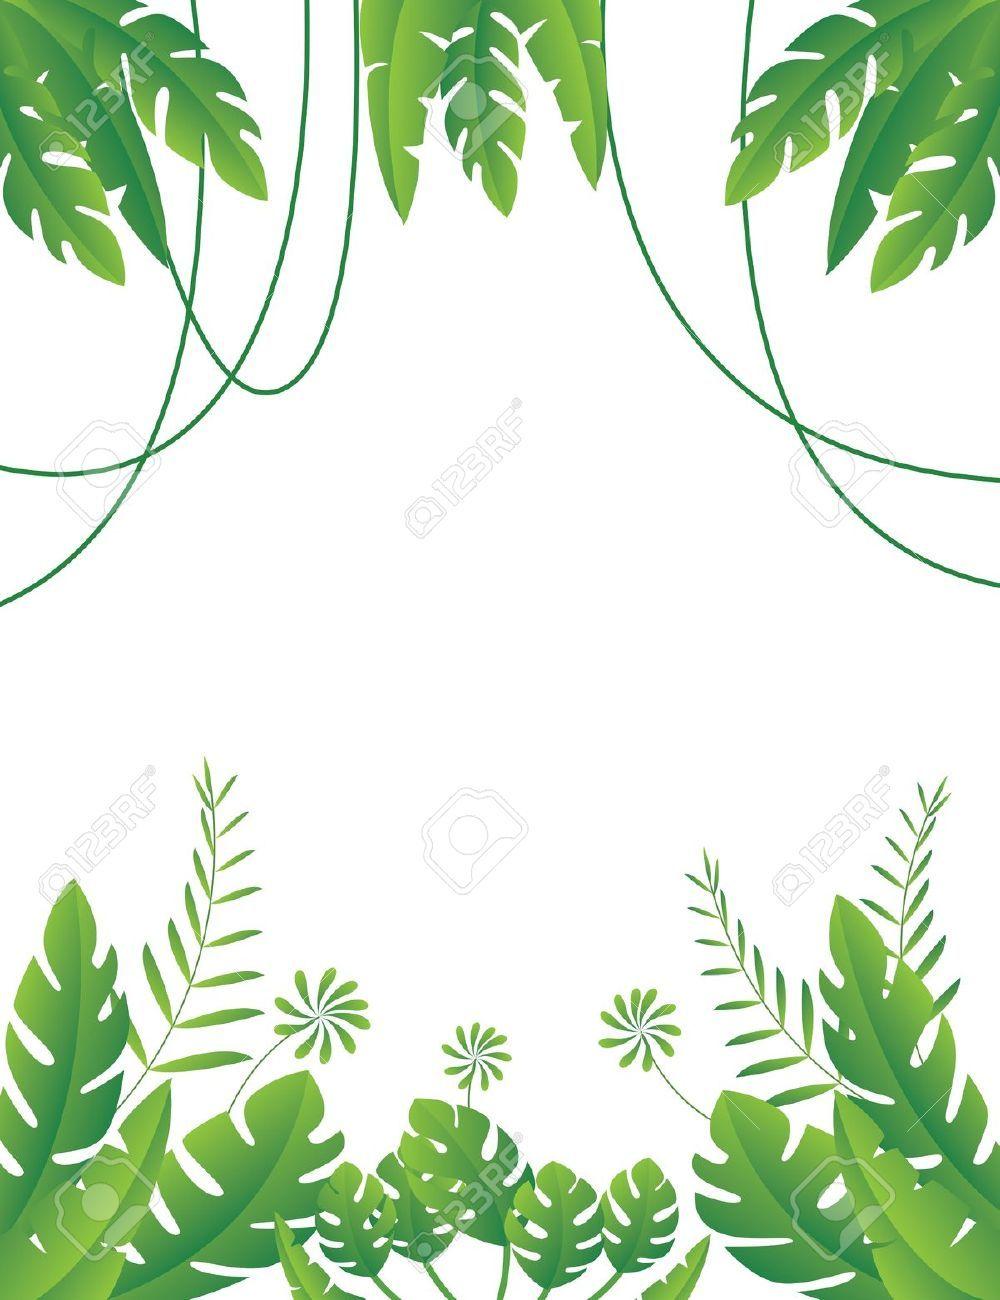 Jungle Clipart : jungle, clipart, Jungle, Clipart, Foliage, Clipart,, Flash, Wallpaper,